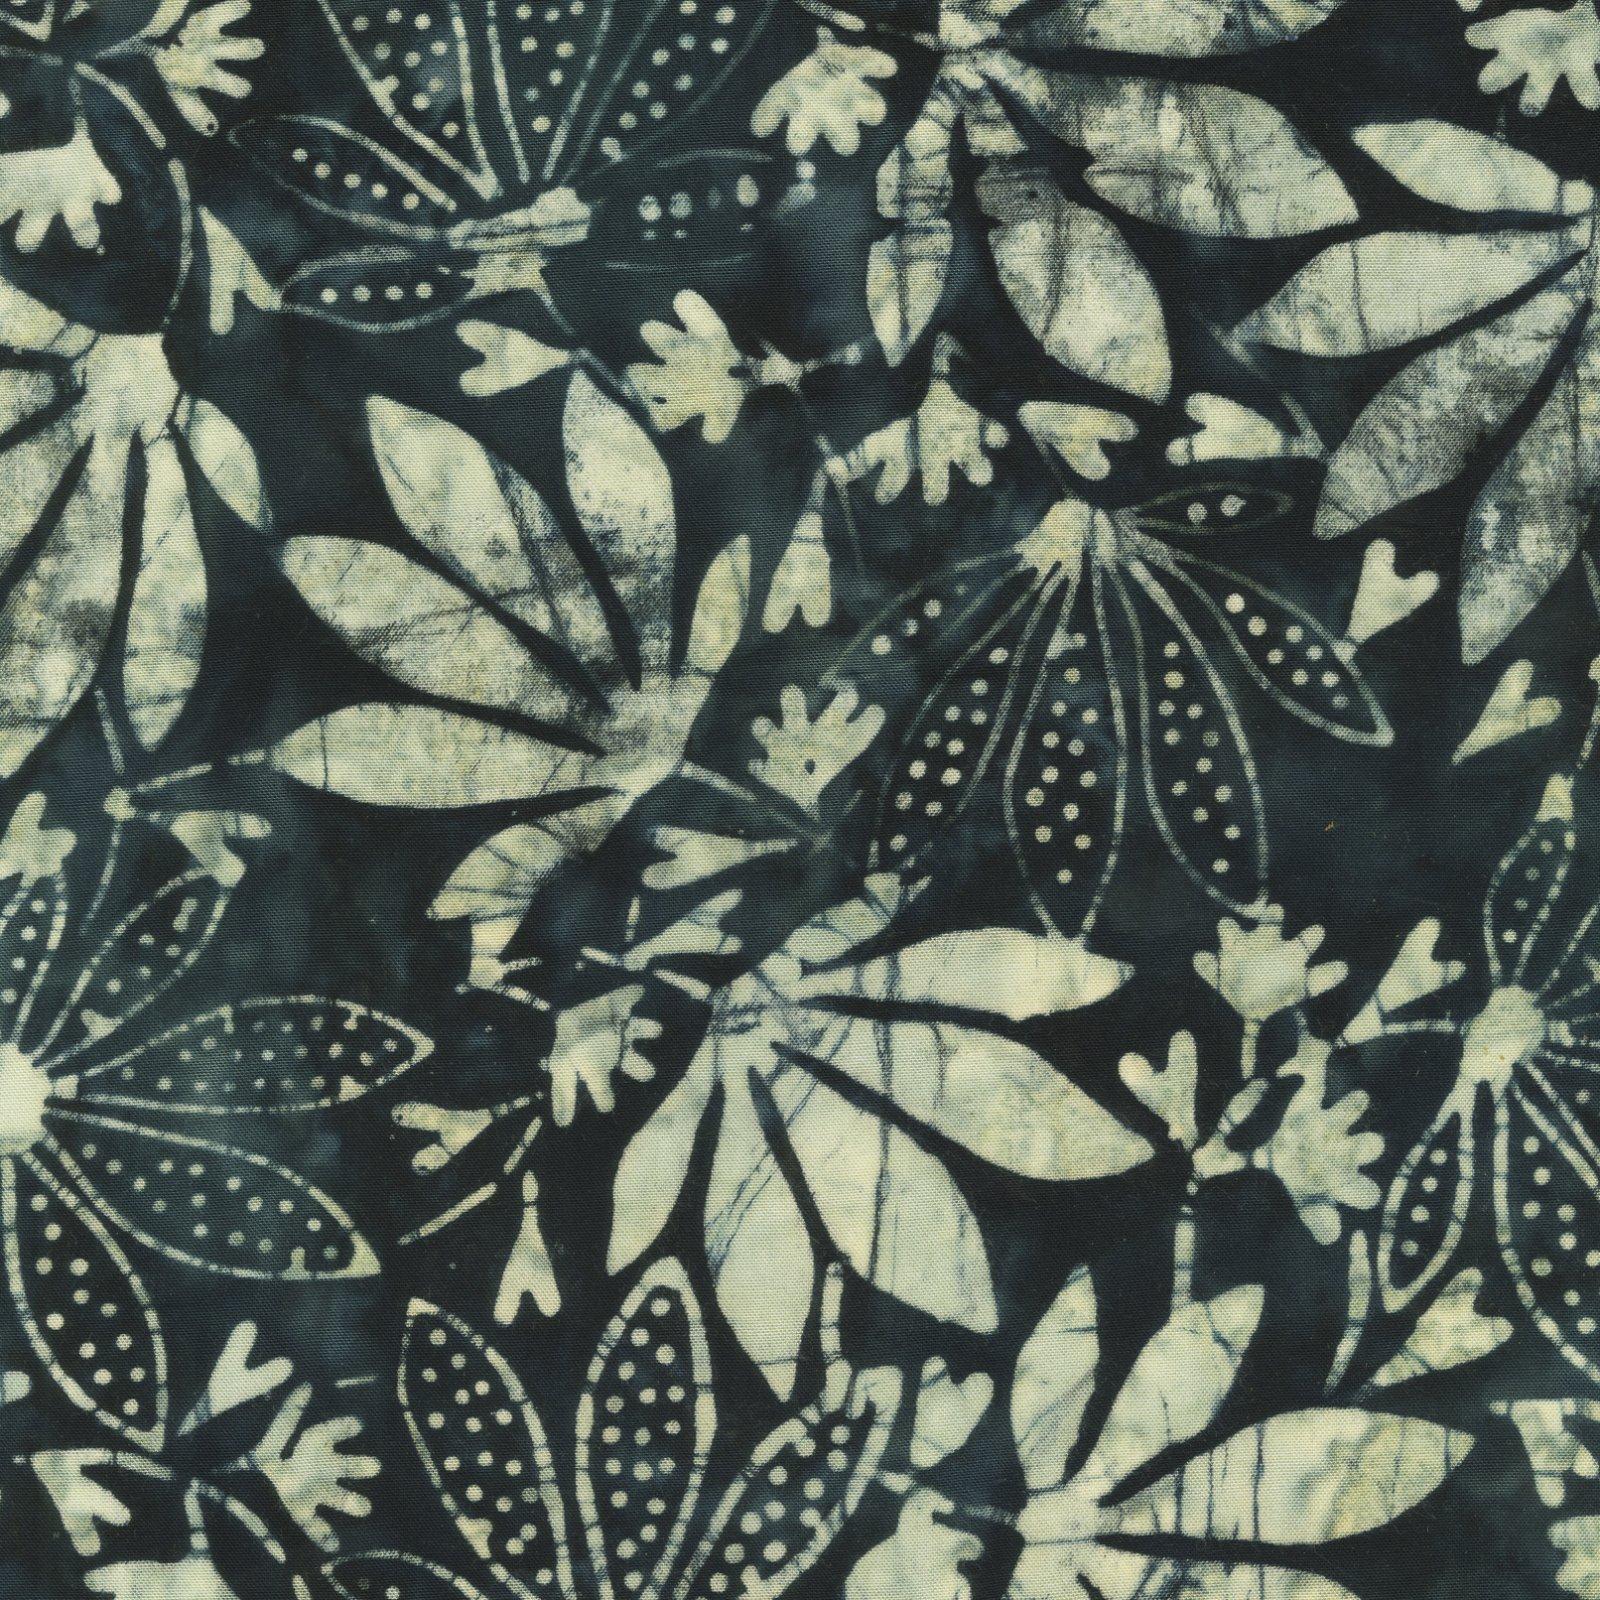 512Q-X Rayon Batiks by Anthology Fabrics